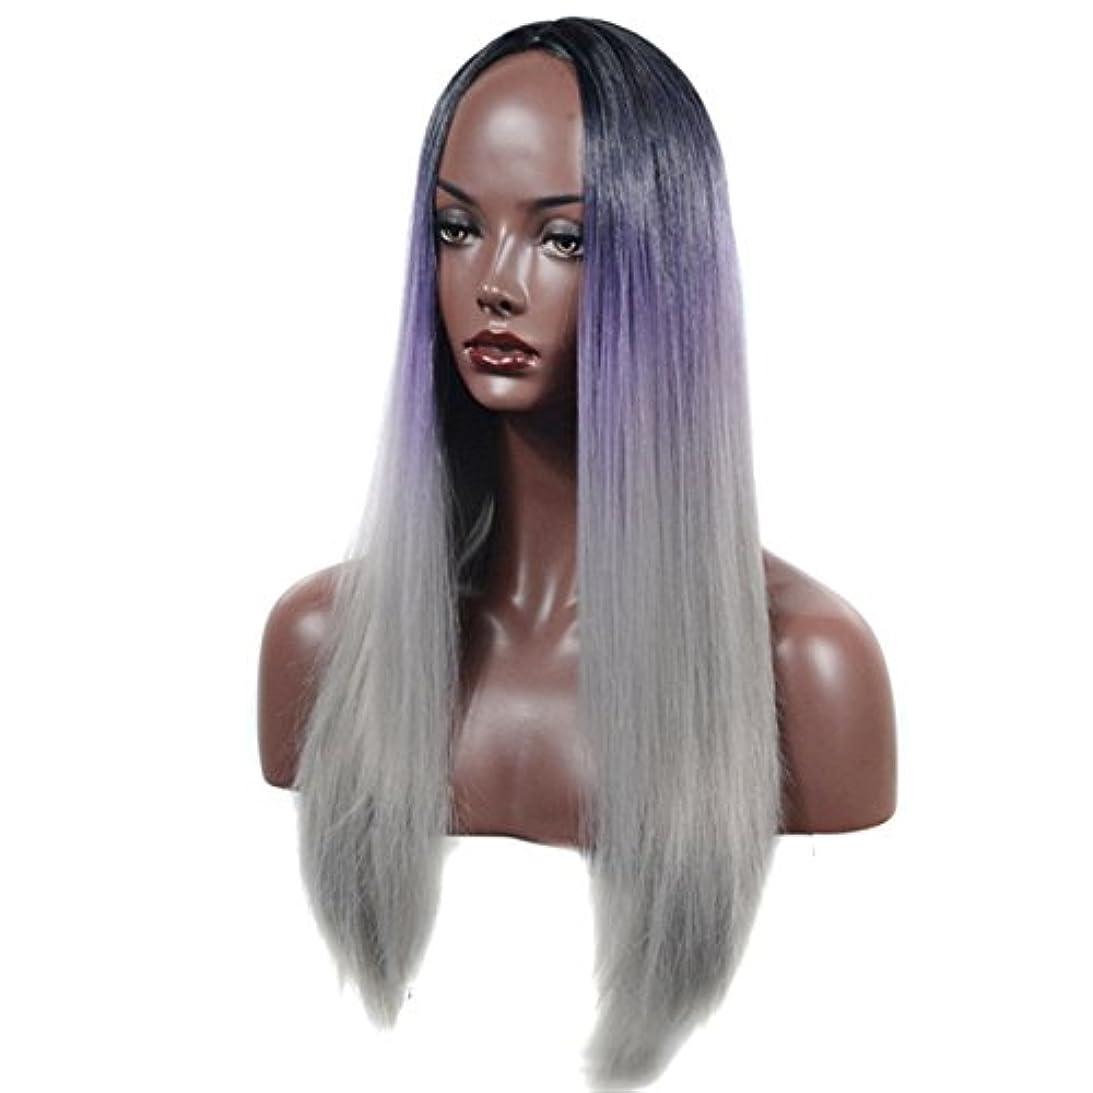 BOBIDYEE ロングストレートウィッグ60センチ - コスプ??レウィッグブラック&パープル&グレーコスプレデイリーパーティーかつら本物の髪として自然な合成髪レースかつらロールプレイングかつらの3色グラデーション (色 : Three-color gradient)